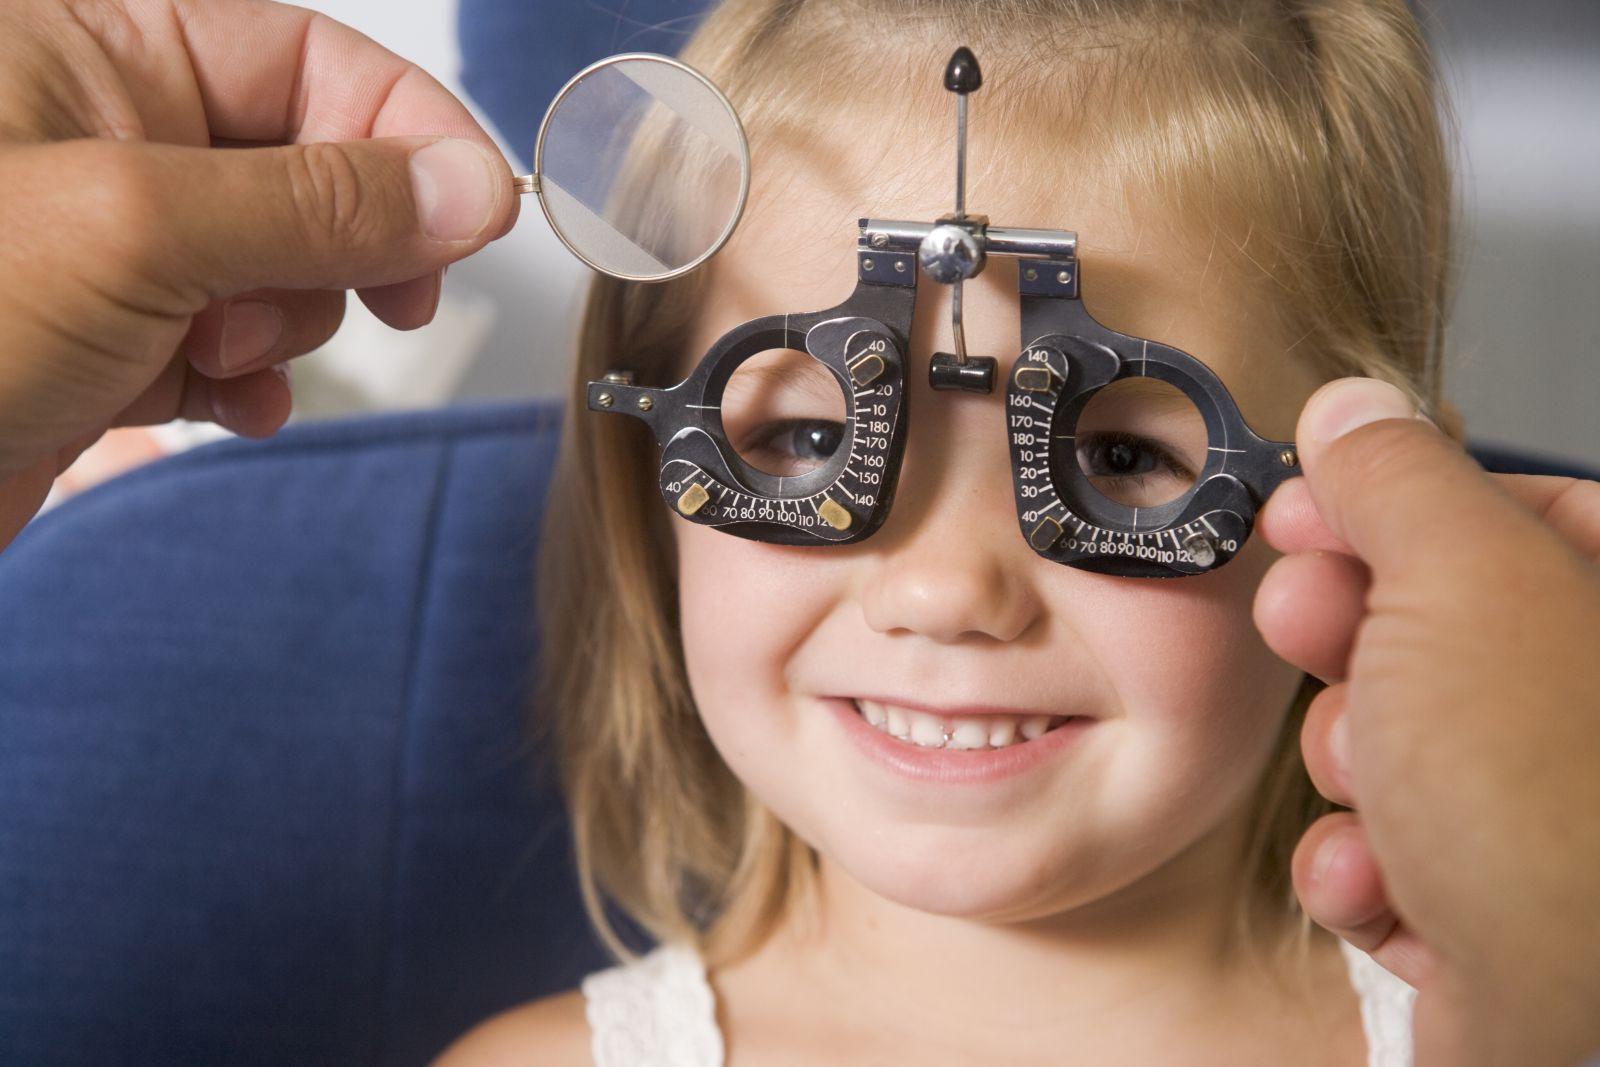 Близорукость или миопия – это вид расфокусировки зрения, при котором наблюдается патологическое изменение (вытягивание, удлинение) формы глазного яблока.